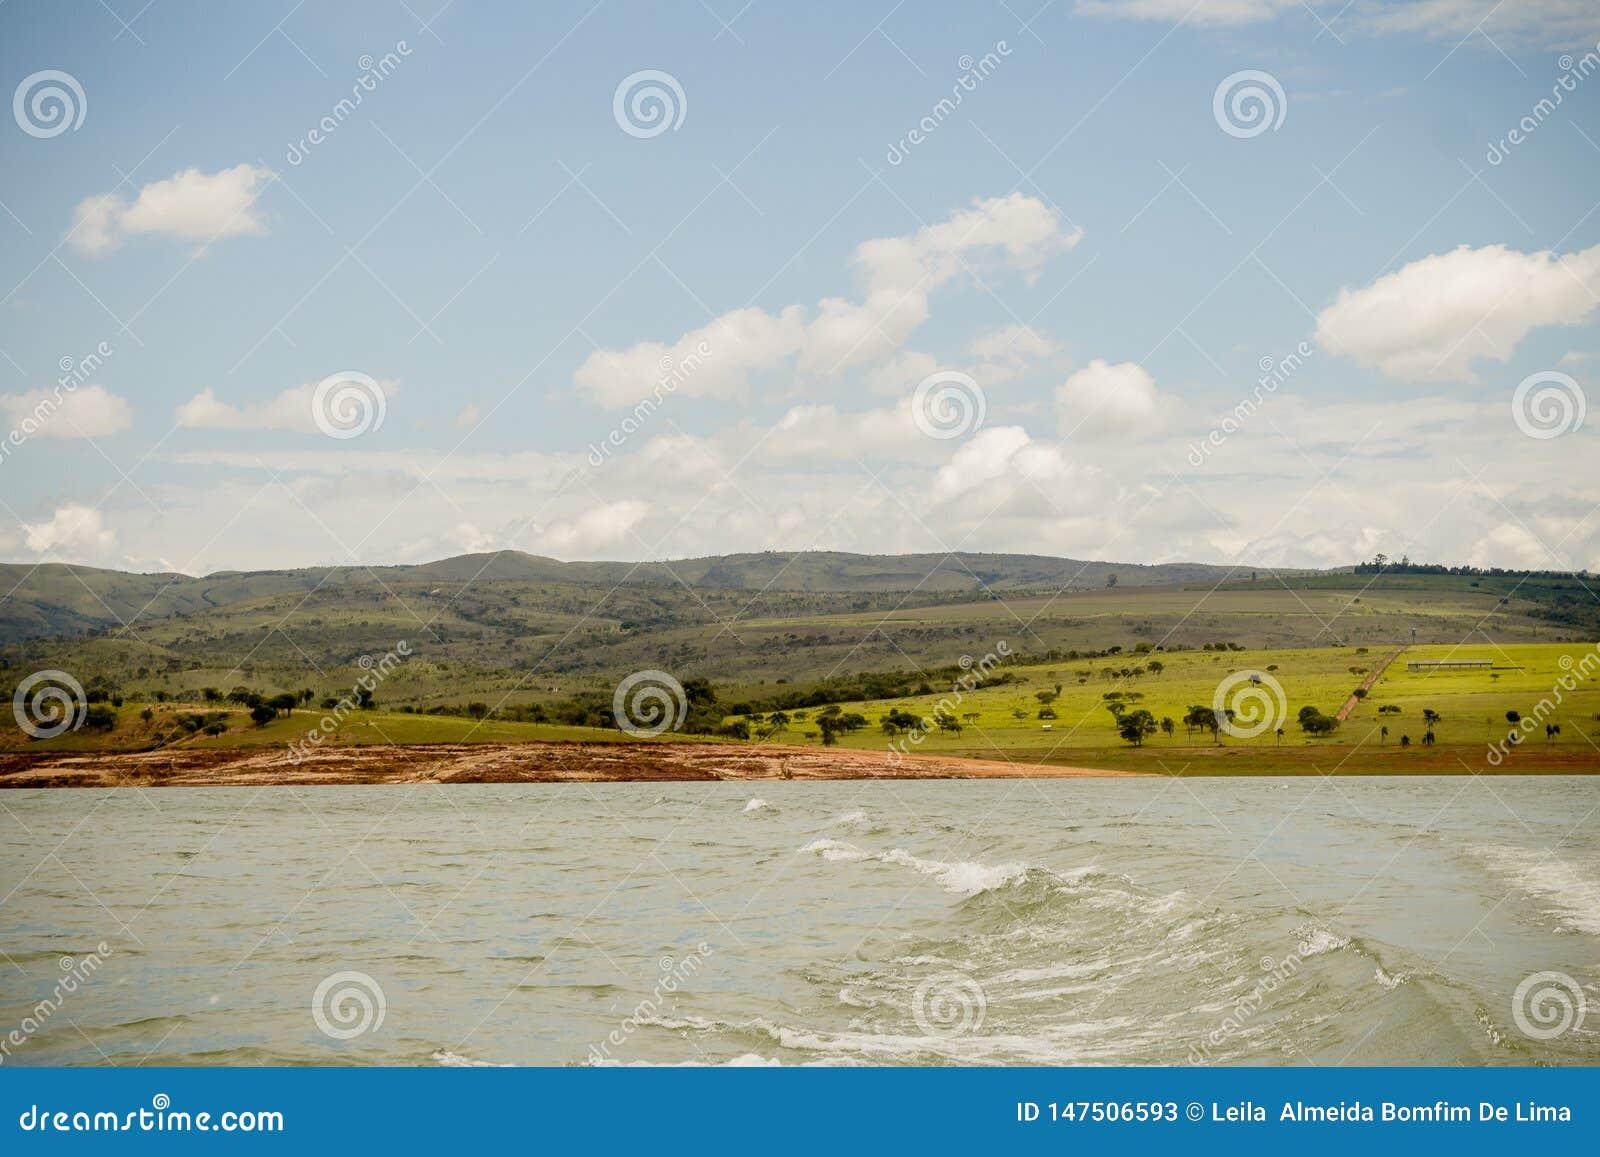 Un río y un paisaje